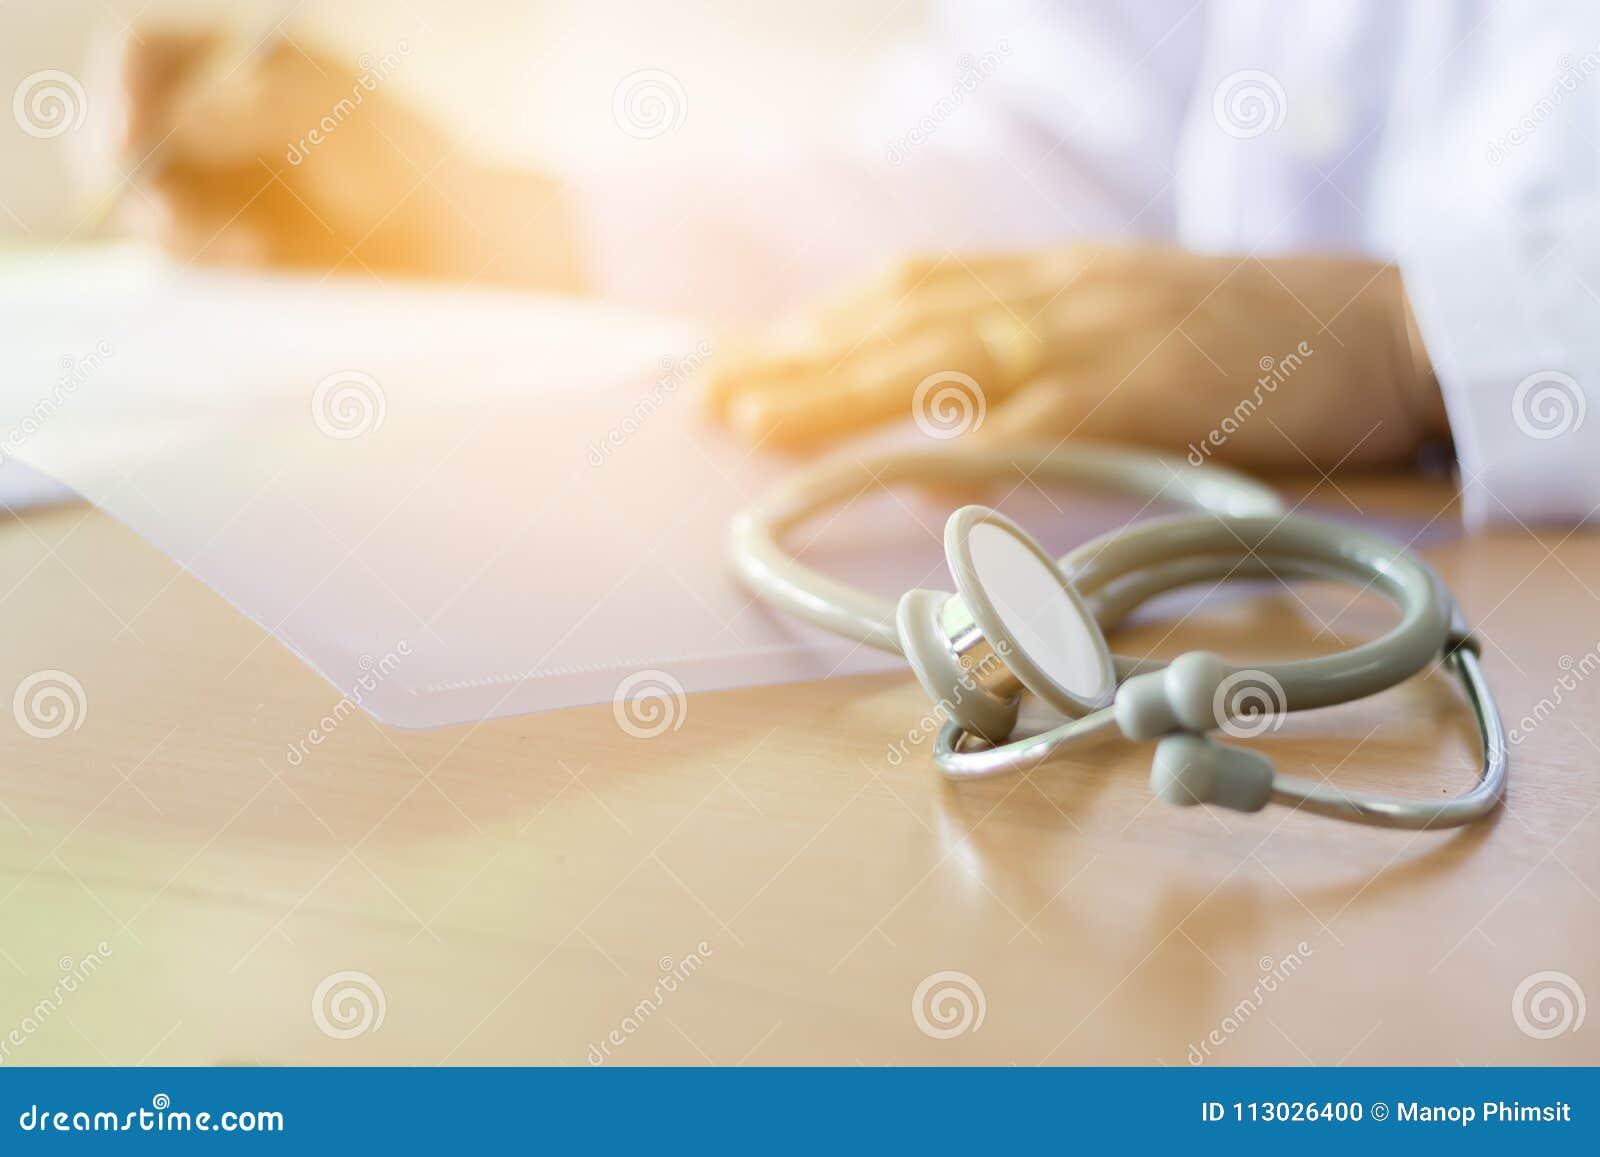 Estetoscopio colocado en el doctor